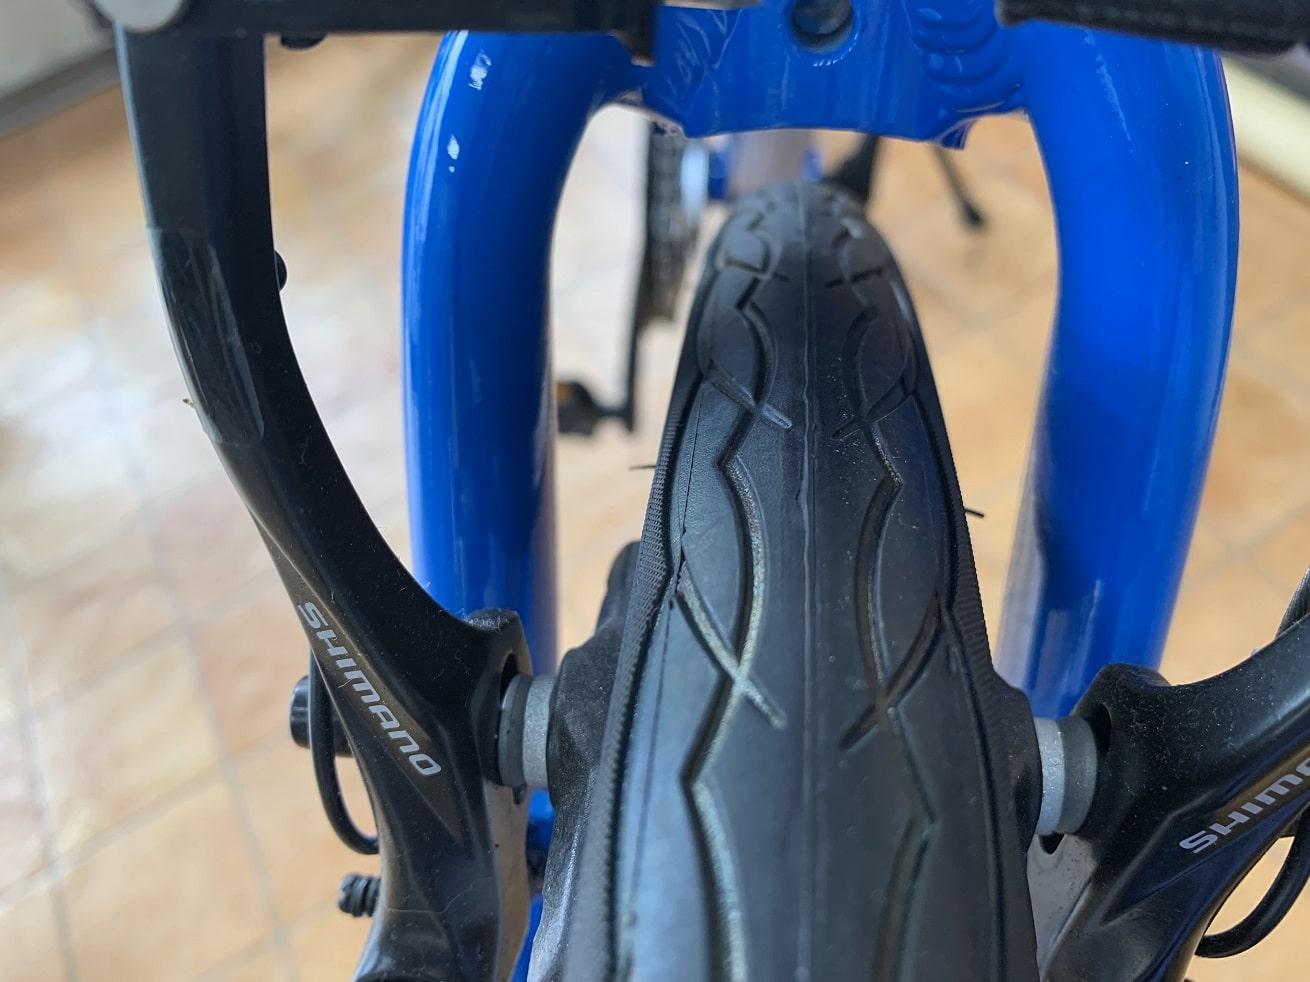 クロスバイクフェンダー取付時のチェック項目「フロントフォークセンター穴」